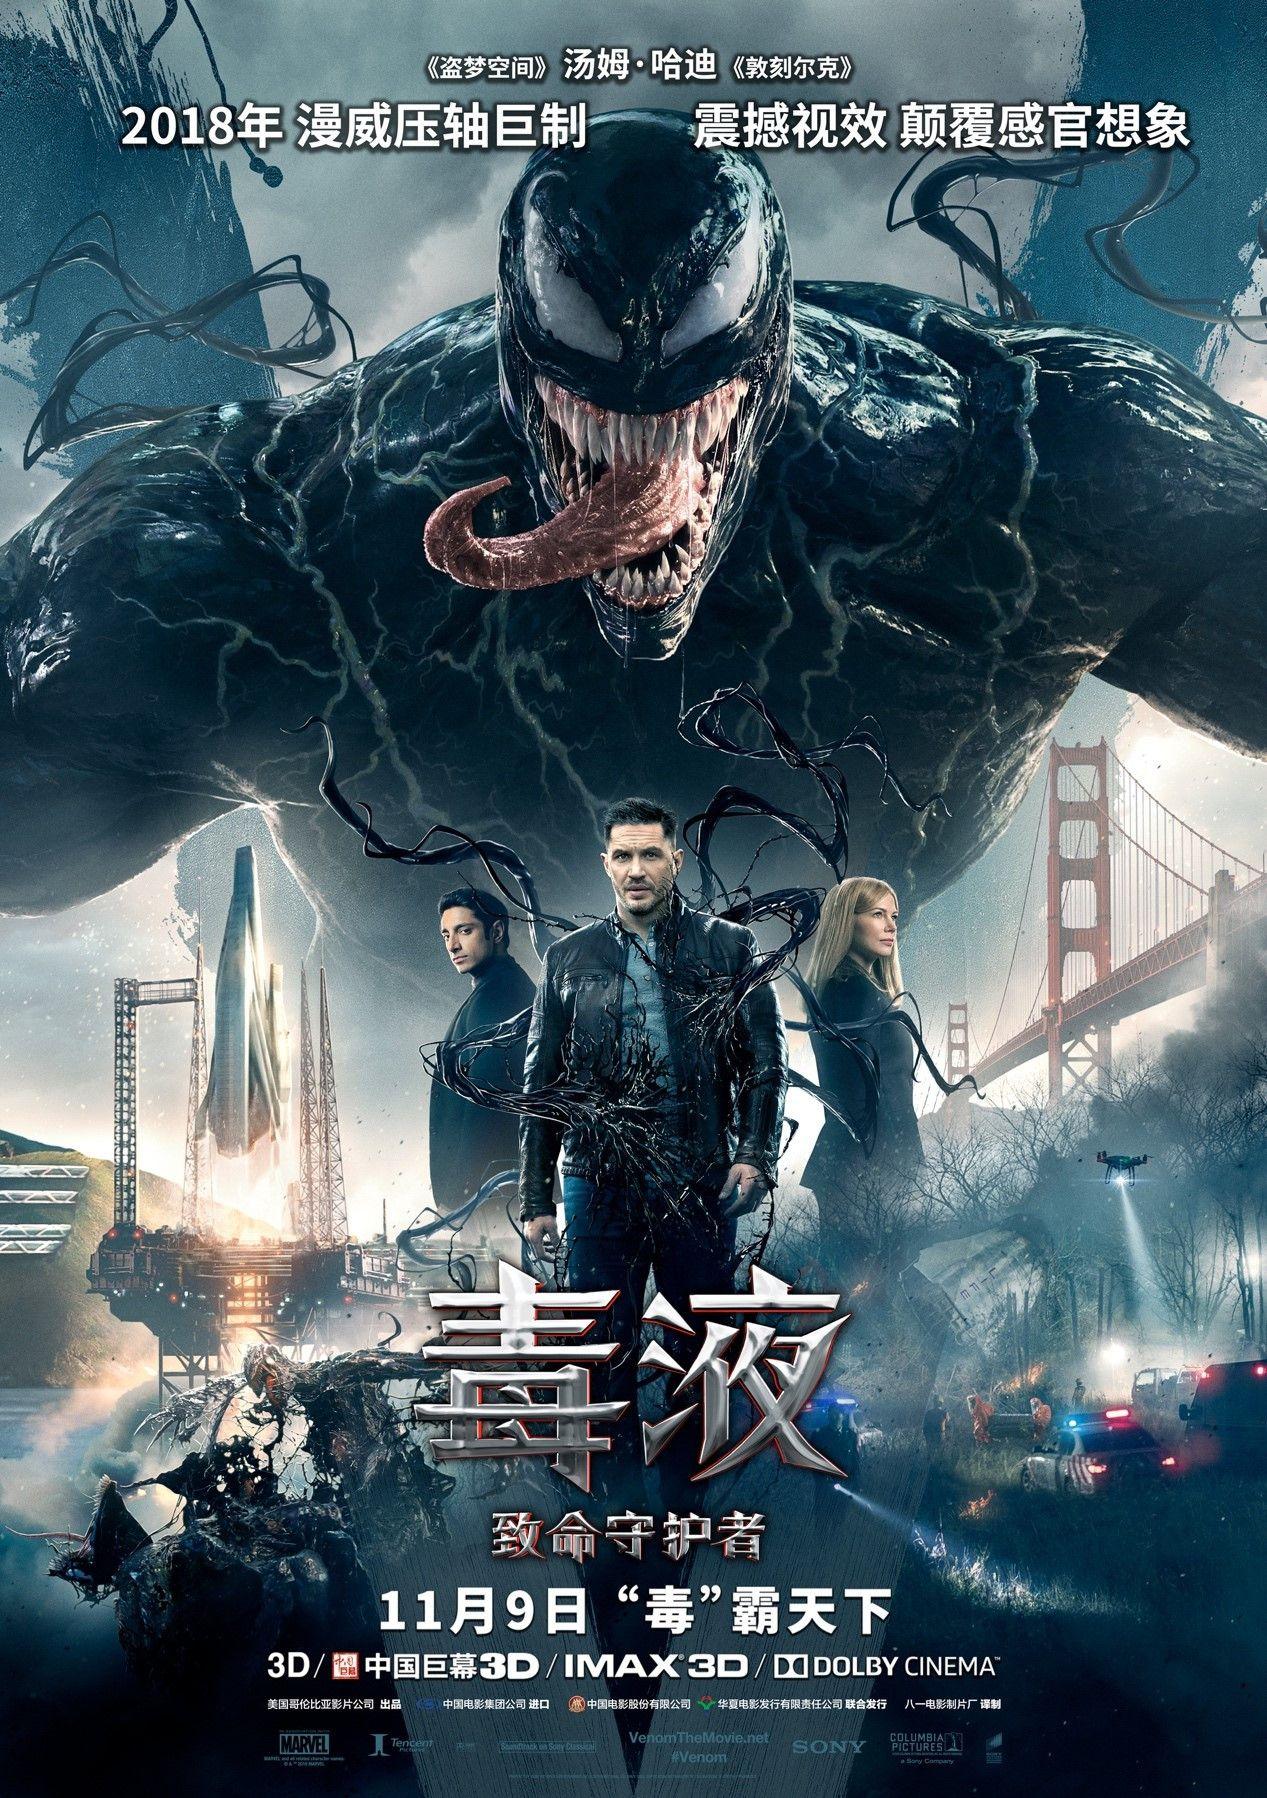 《毒液:致命守護者》舉辦首映觀影,漫威英雄票房號召力驚人